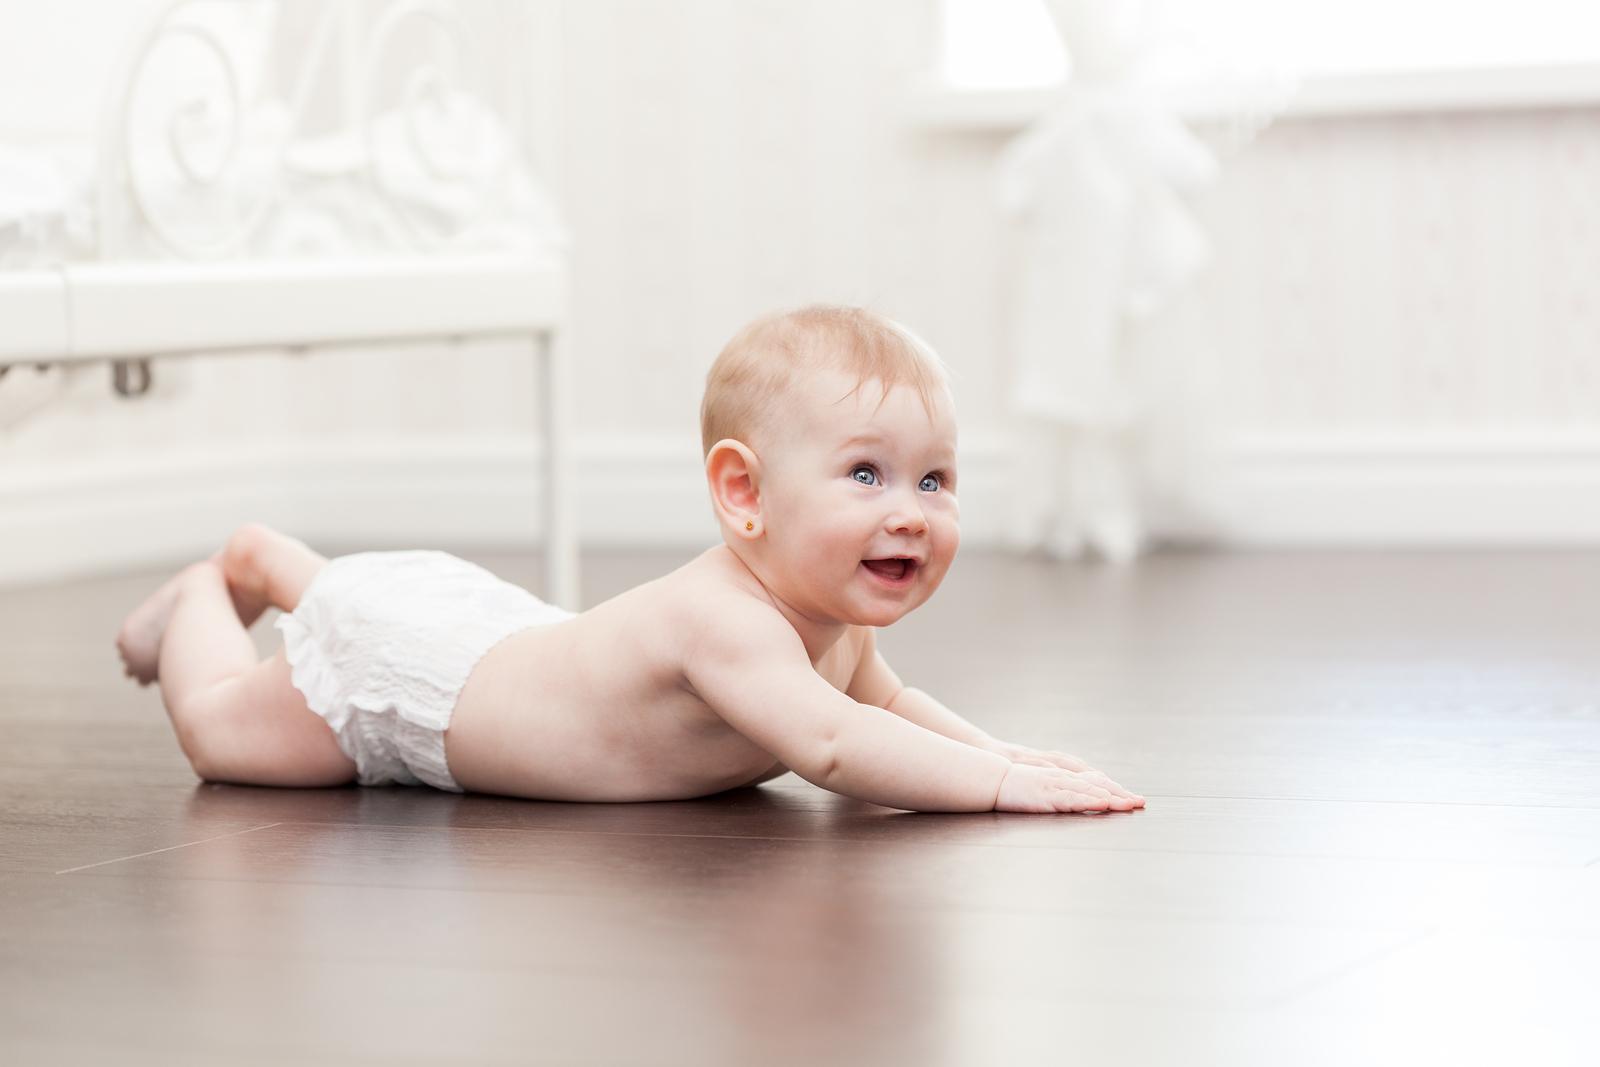 5 Natural Remedies for Diaper Rash